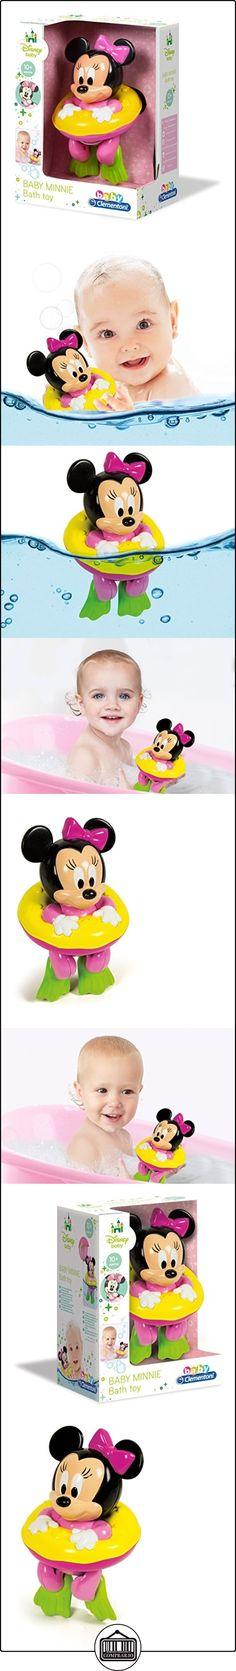 Clementoni - Baby minnie nadadora (17121.7)  ✿ Regalos para recién nacidos - Bebes ✿ ▬► Ver oferta: http://comprar.io/goto/B01CML4EBA